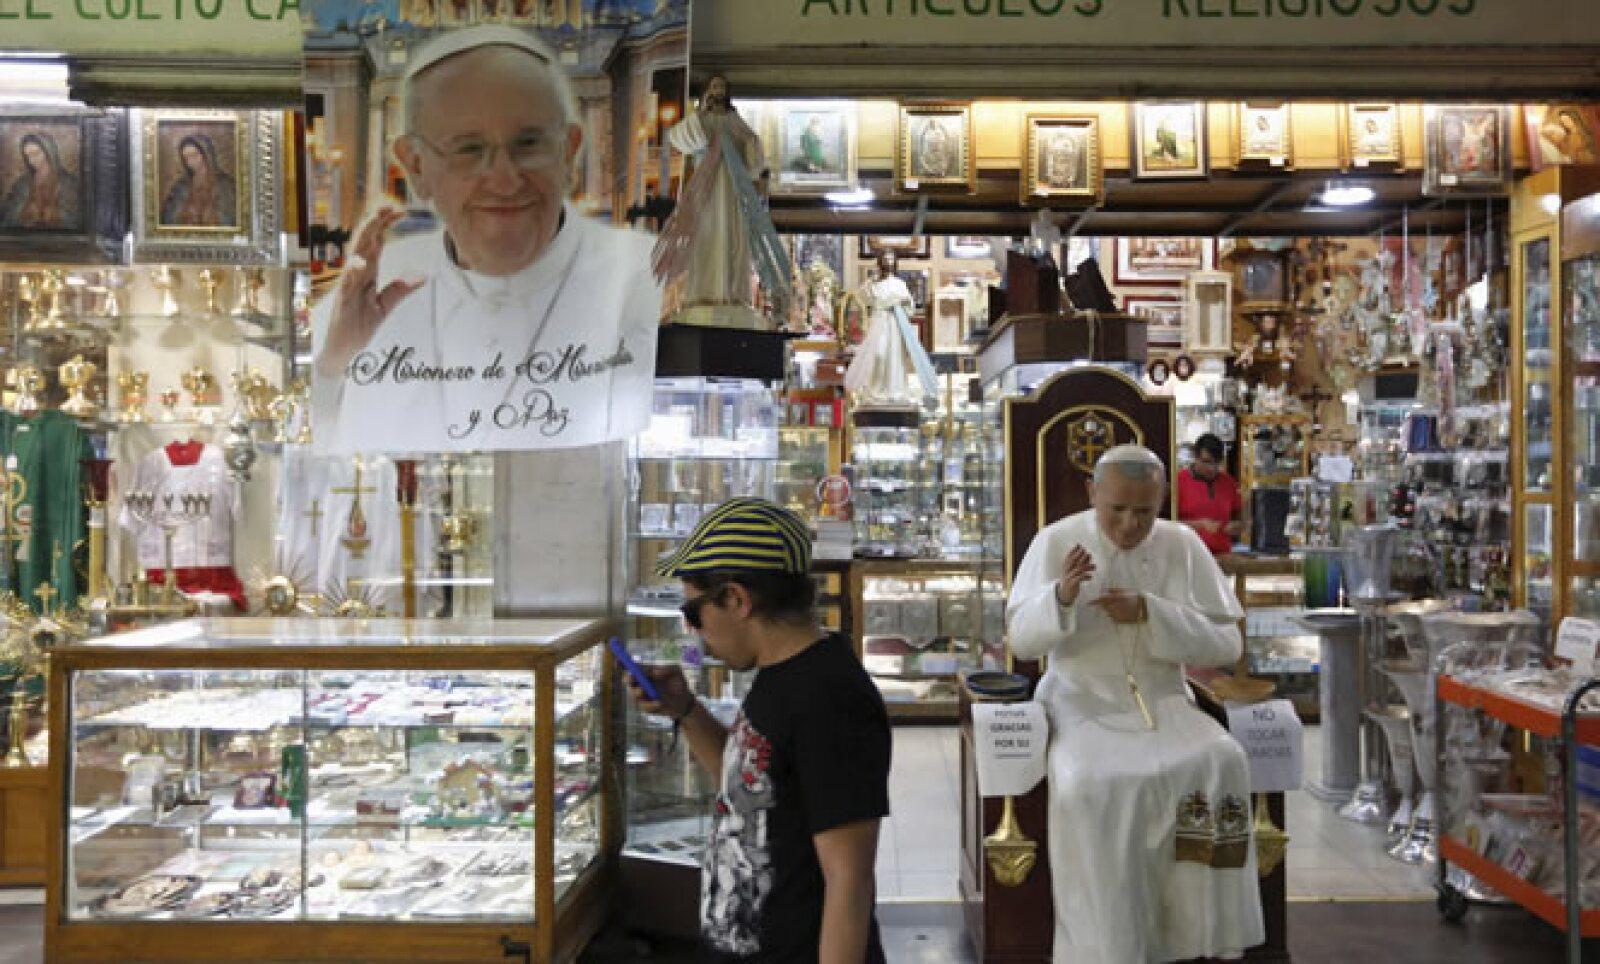 Ya sean medallas, imágenes o rosarios, las tiendas religiosas se llenaron de objetos alusivos para la visita pastoral.